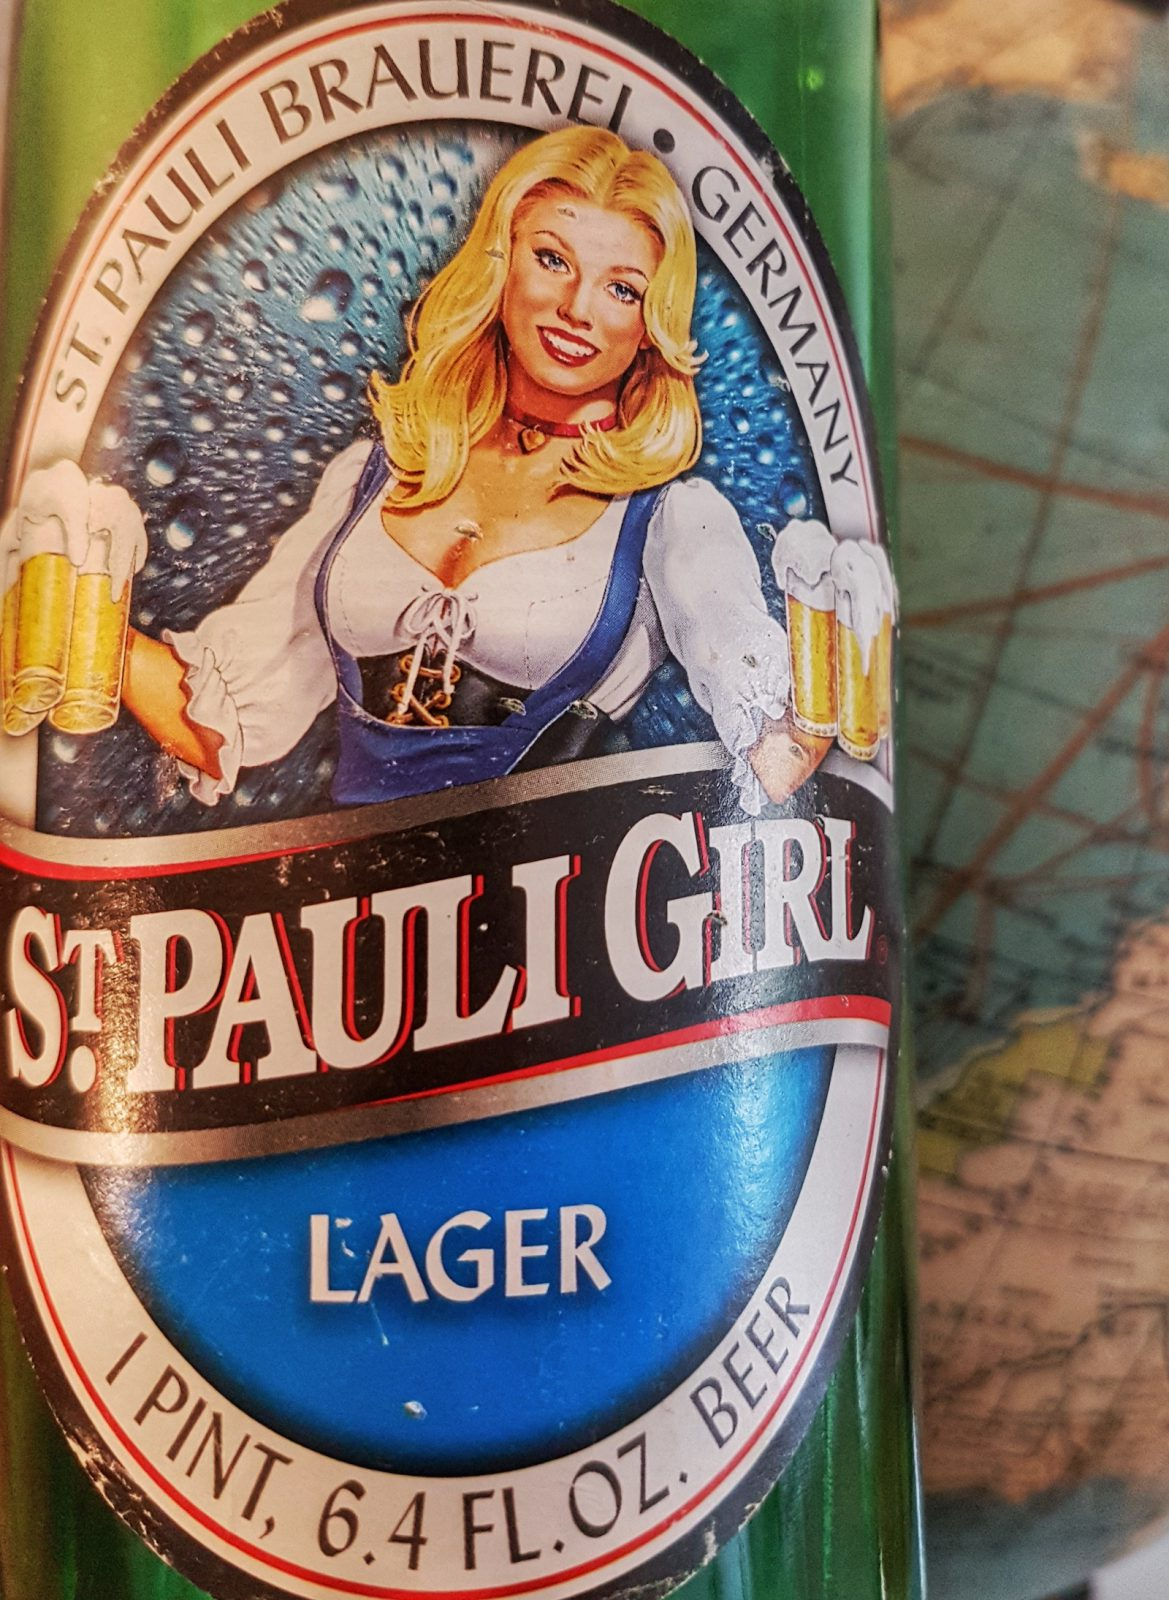 Flaschenbier St.Pauli-Girl